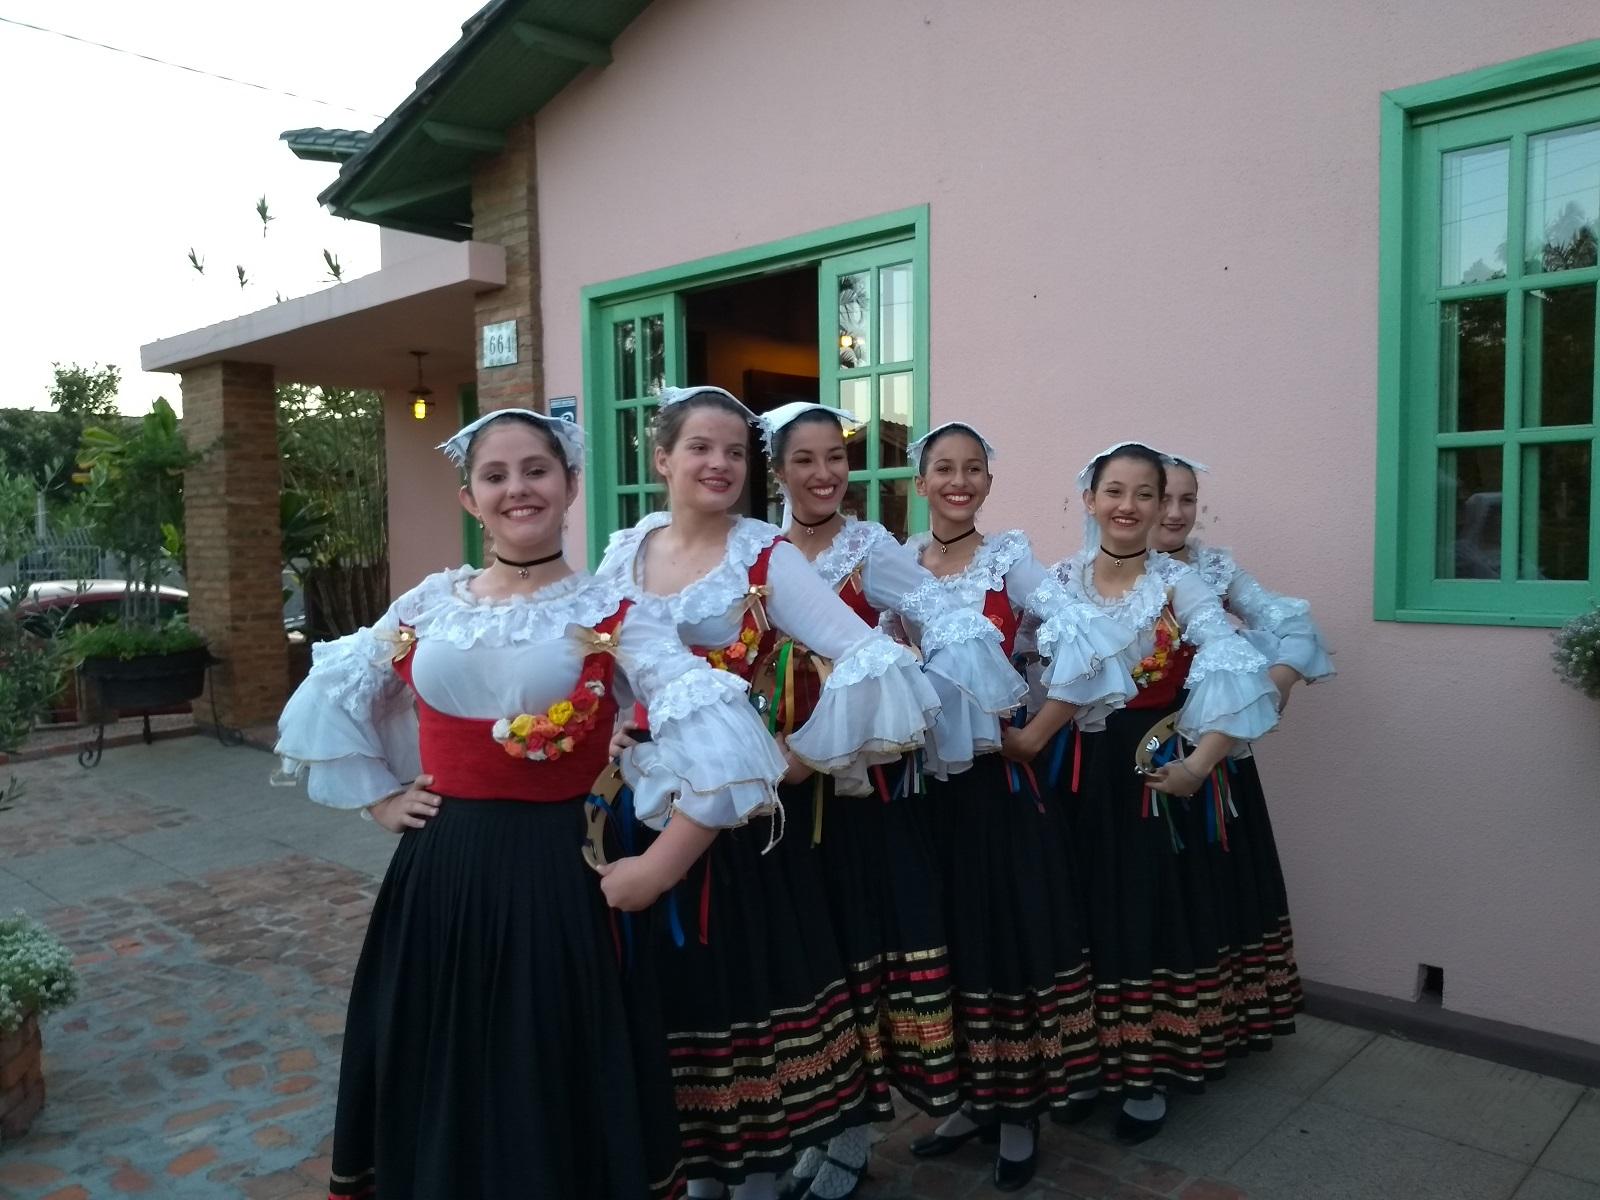 Grupo Folclórico Italo Brasileiro